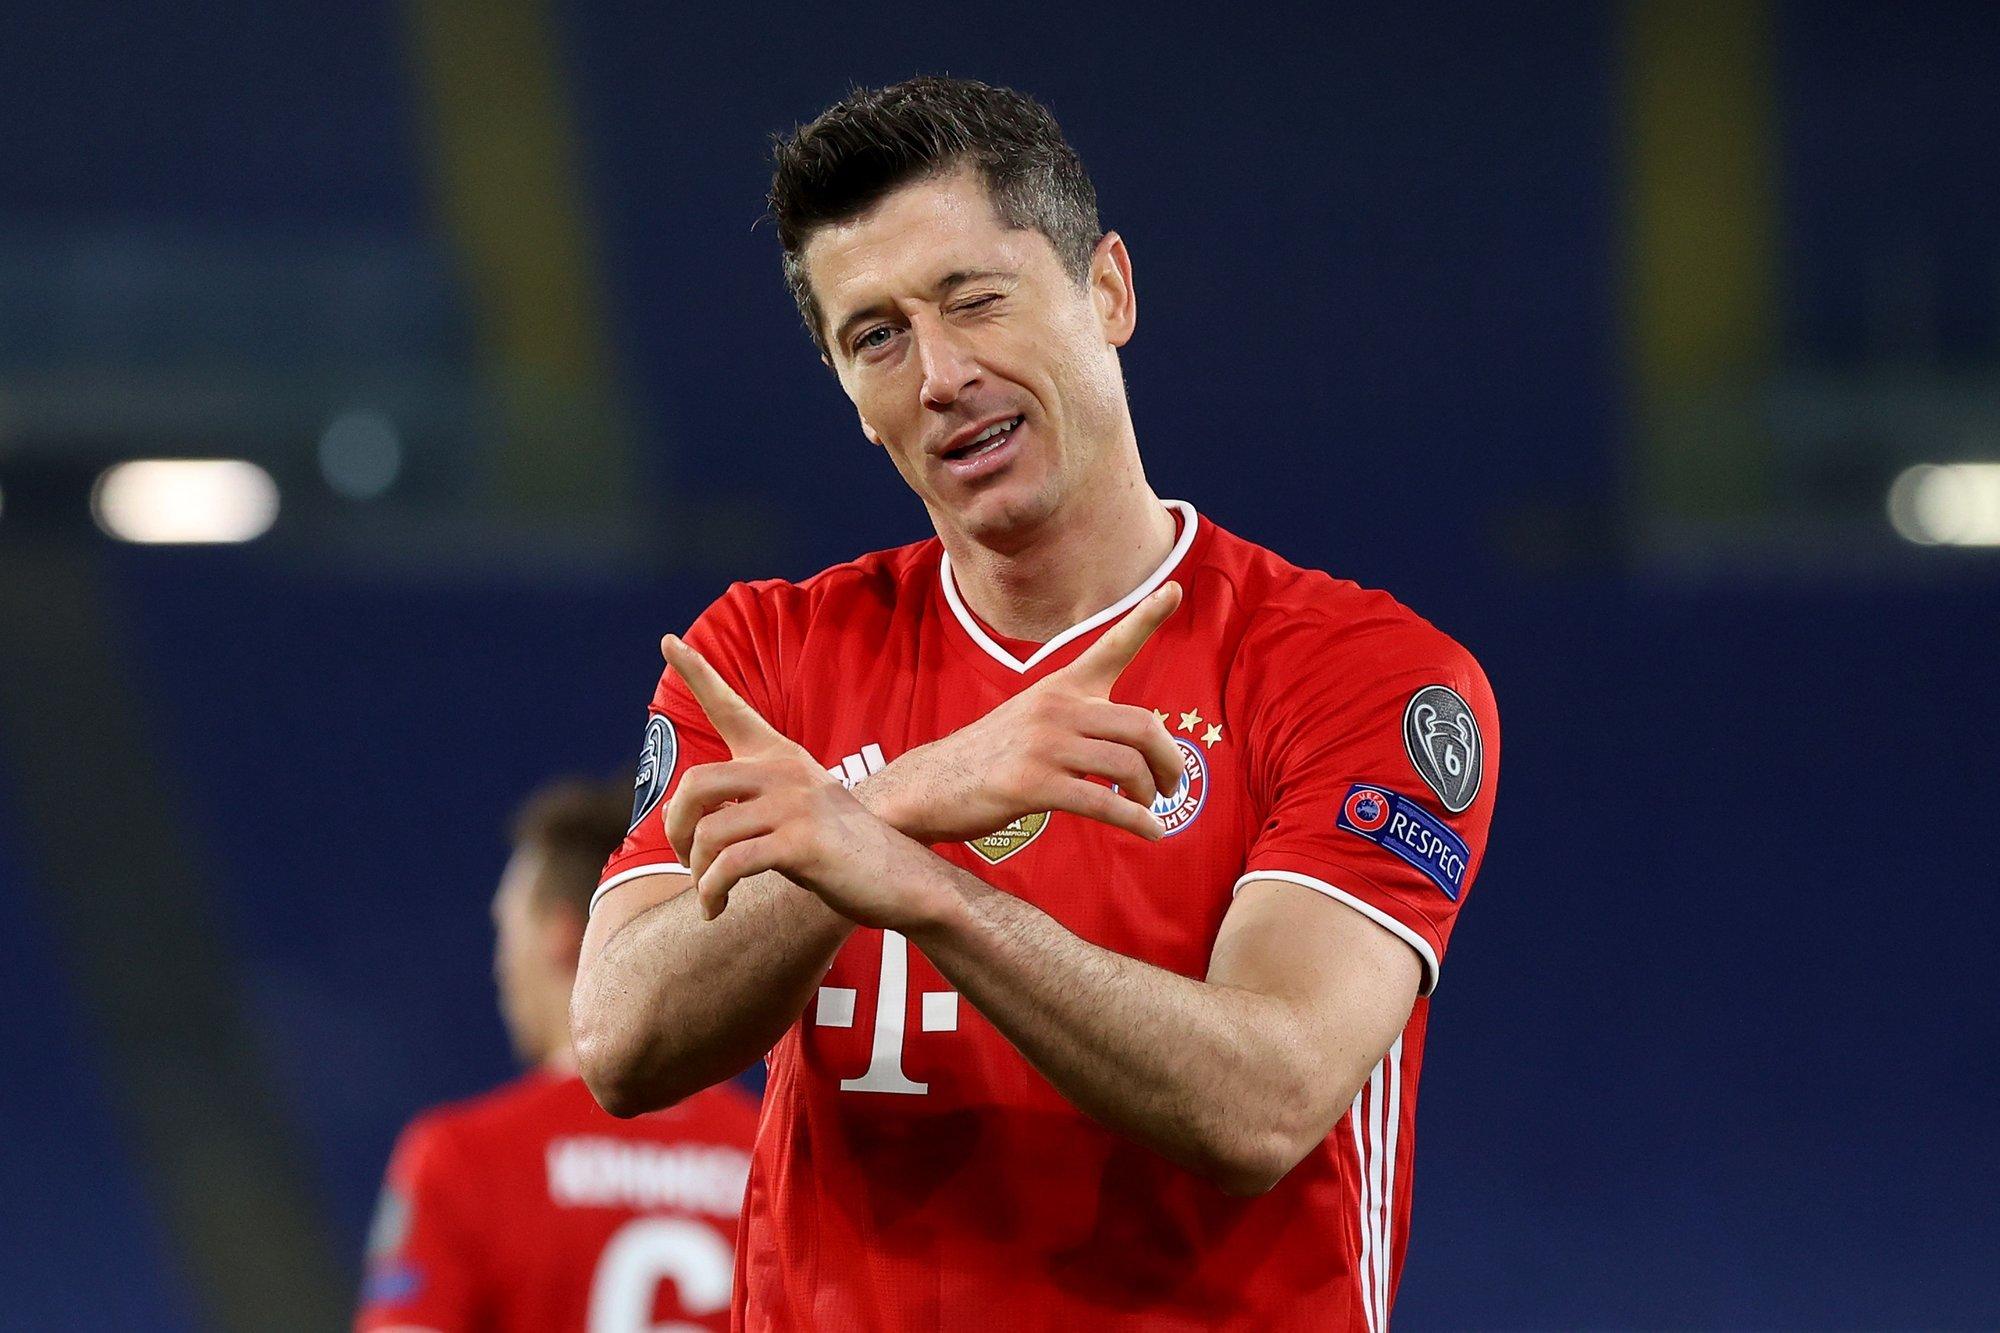 СМИ: Левандовским заинтересовались несколько европейских топ-клубов. «Бавария» не хочет отпускать игрока